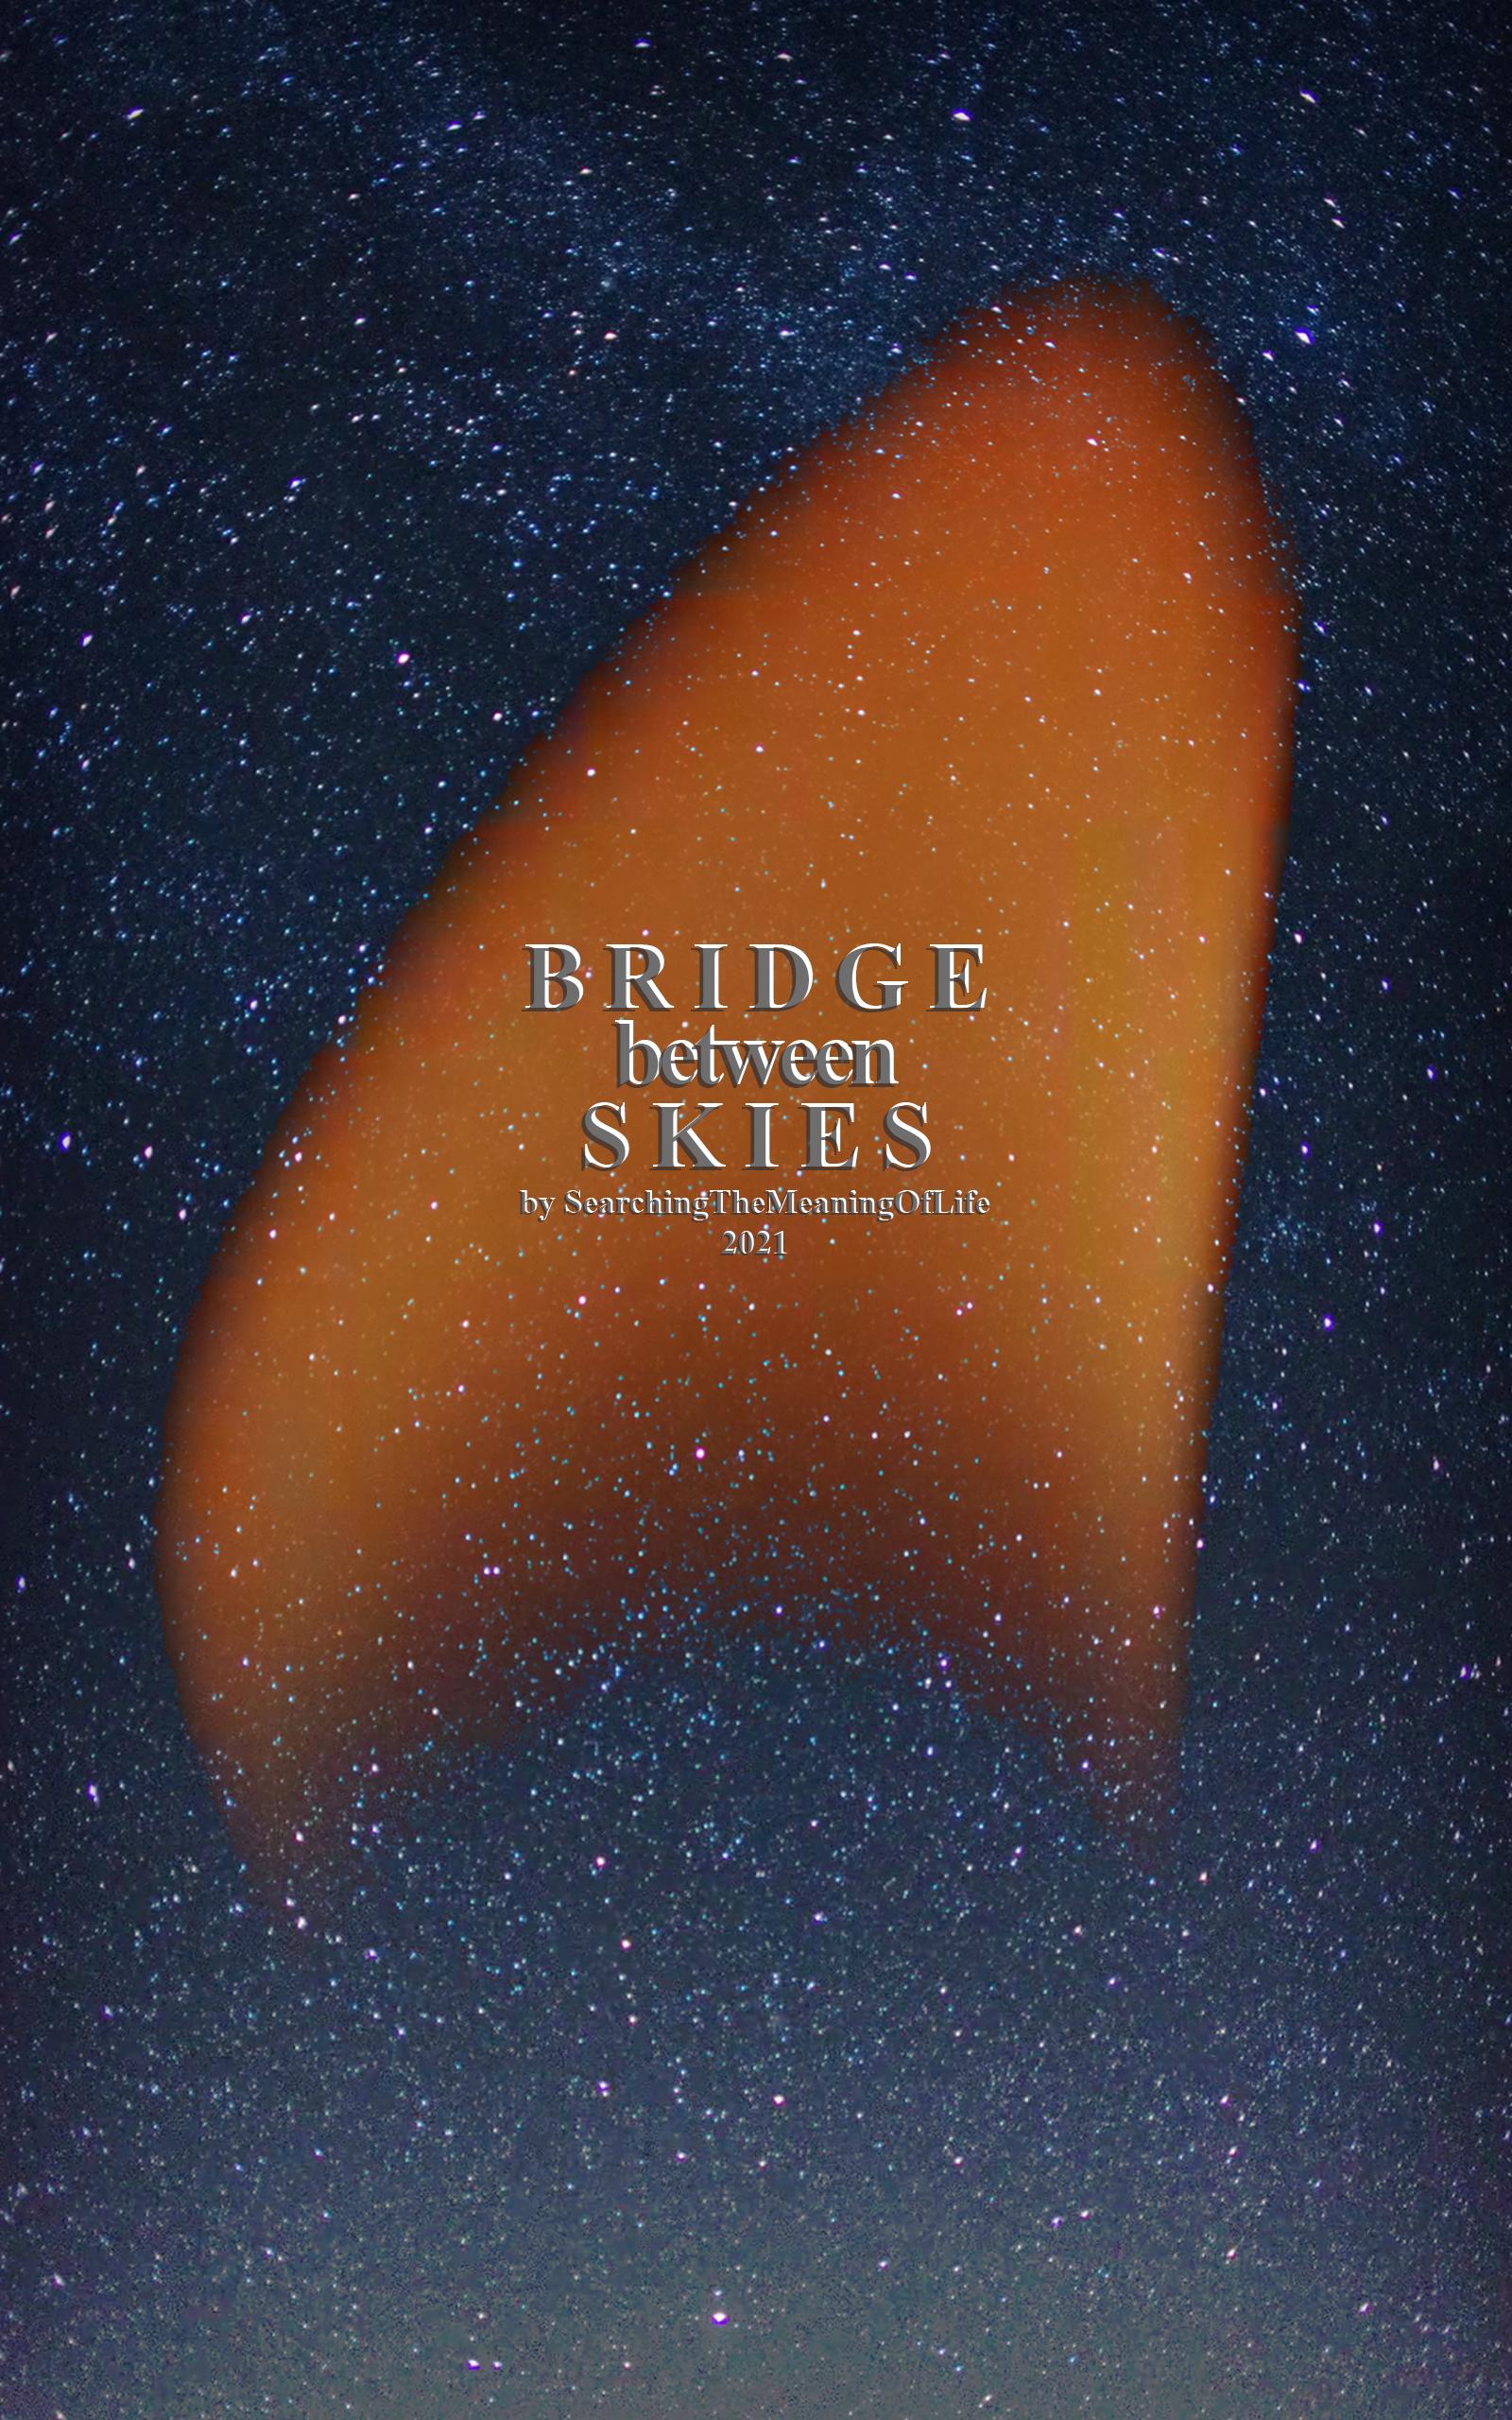 Bridge_between_Skies_ebook_2021